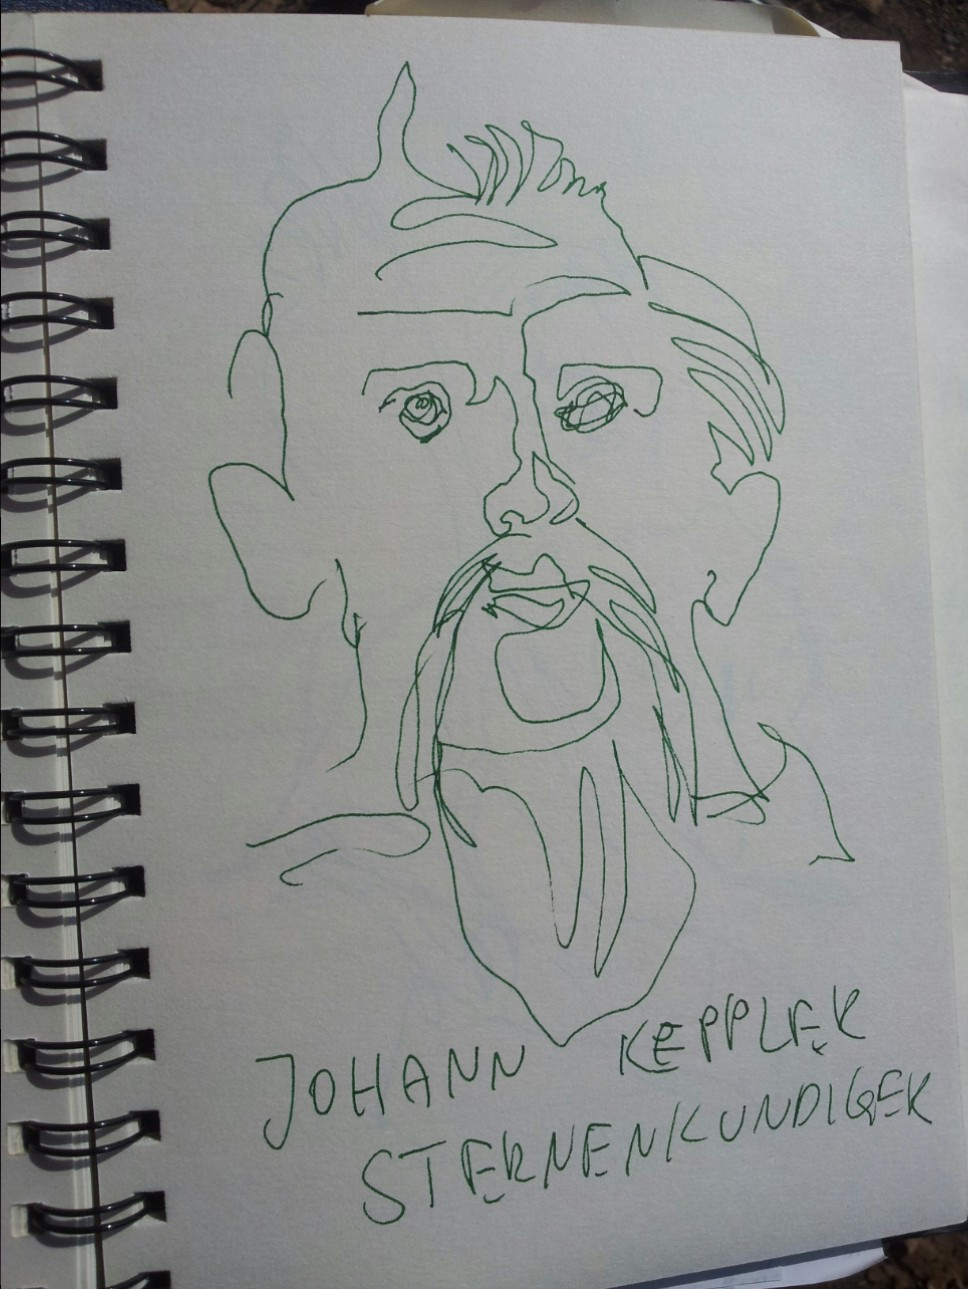 Johann Keppler - Zeichnung von Susanne Haun